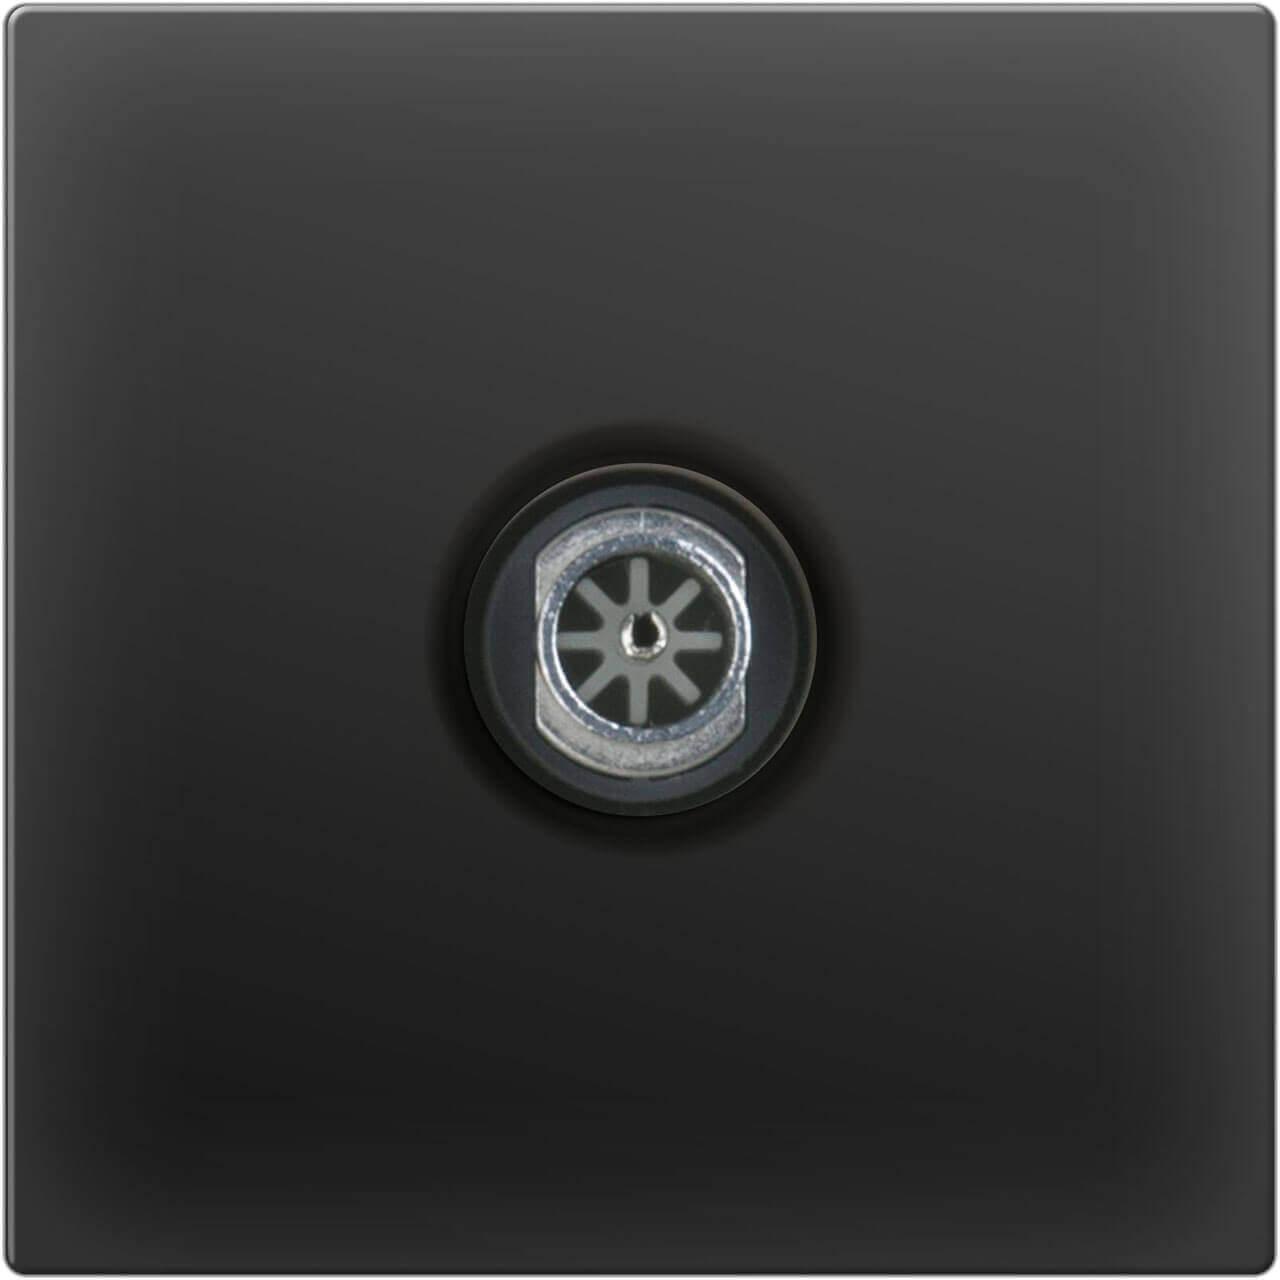 ТВ-розетка Werkel проходная черный матовый WL08-TV-2W 4690389073519